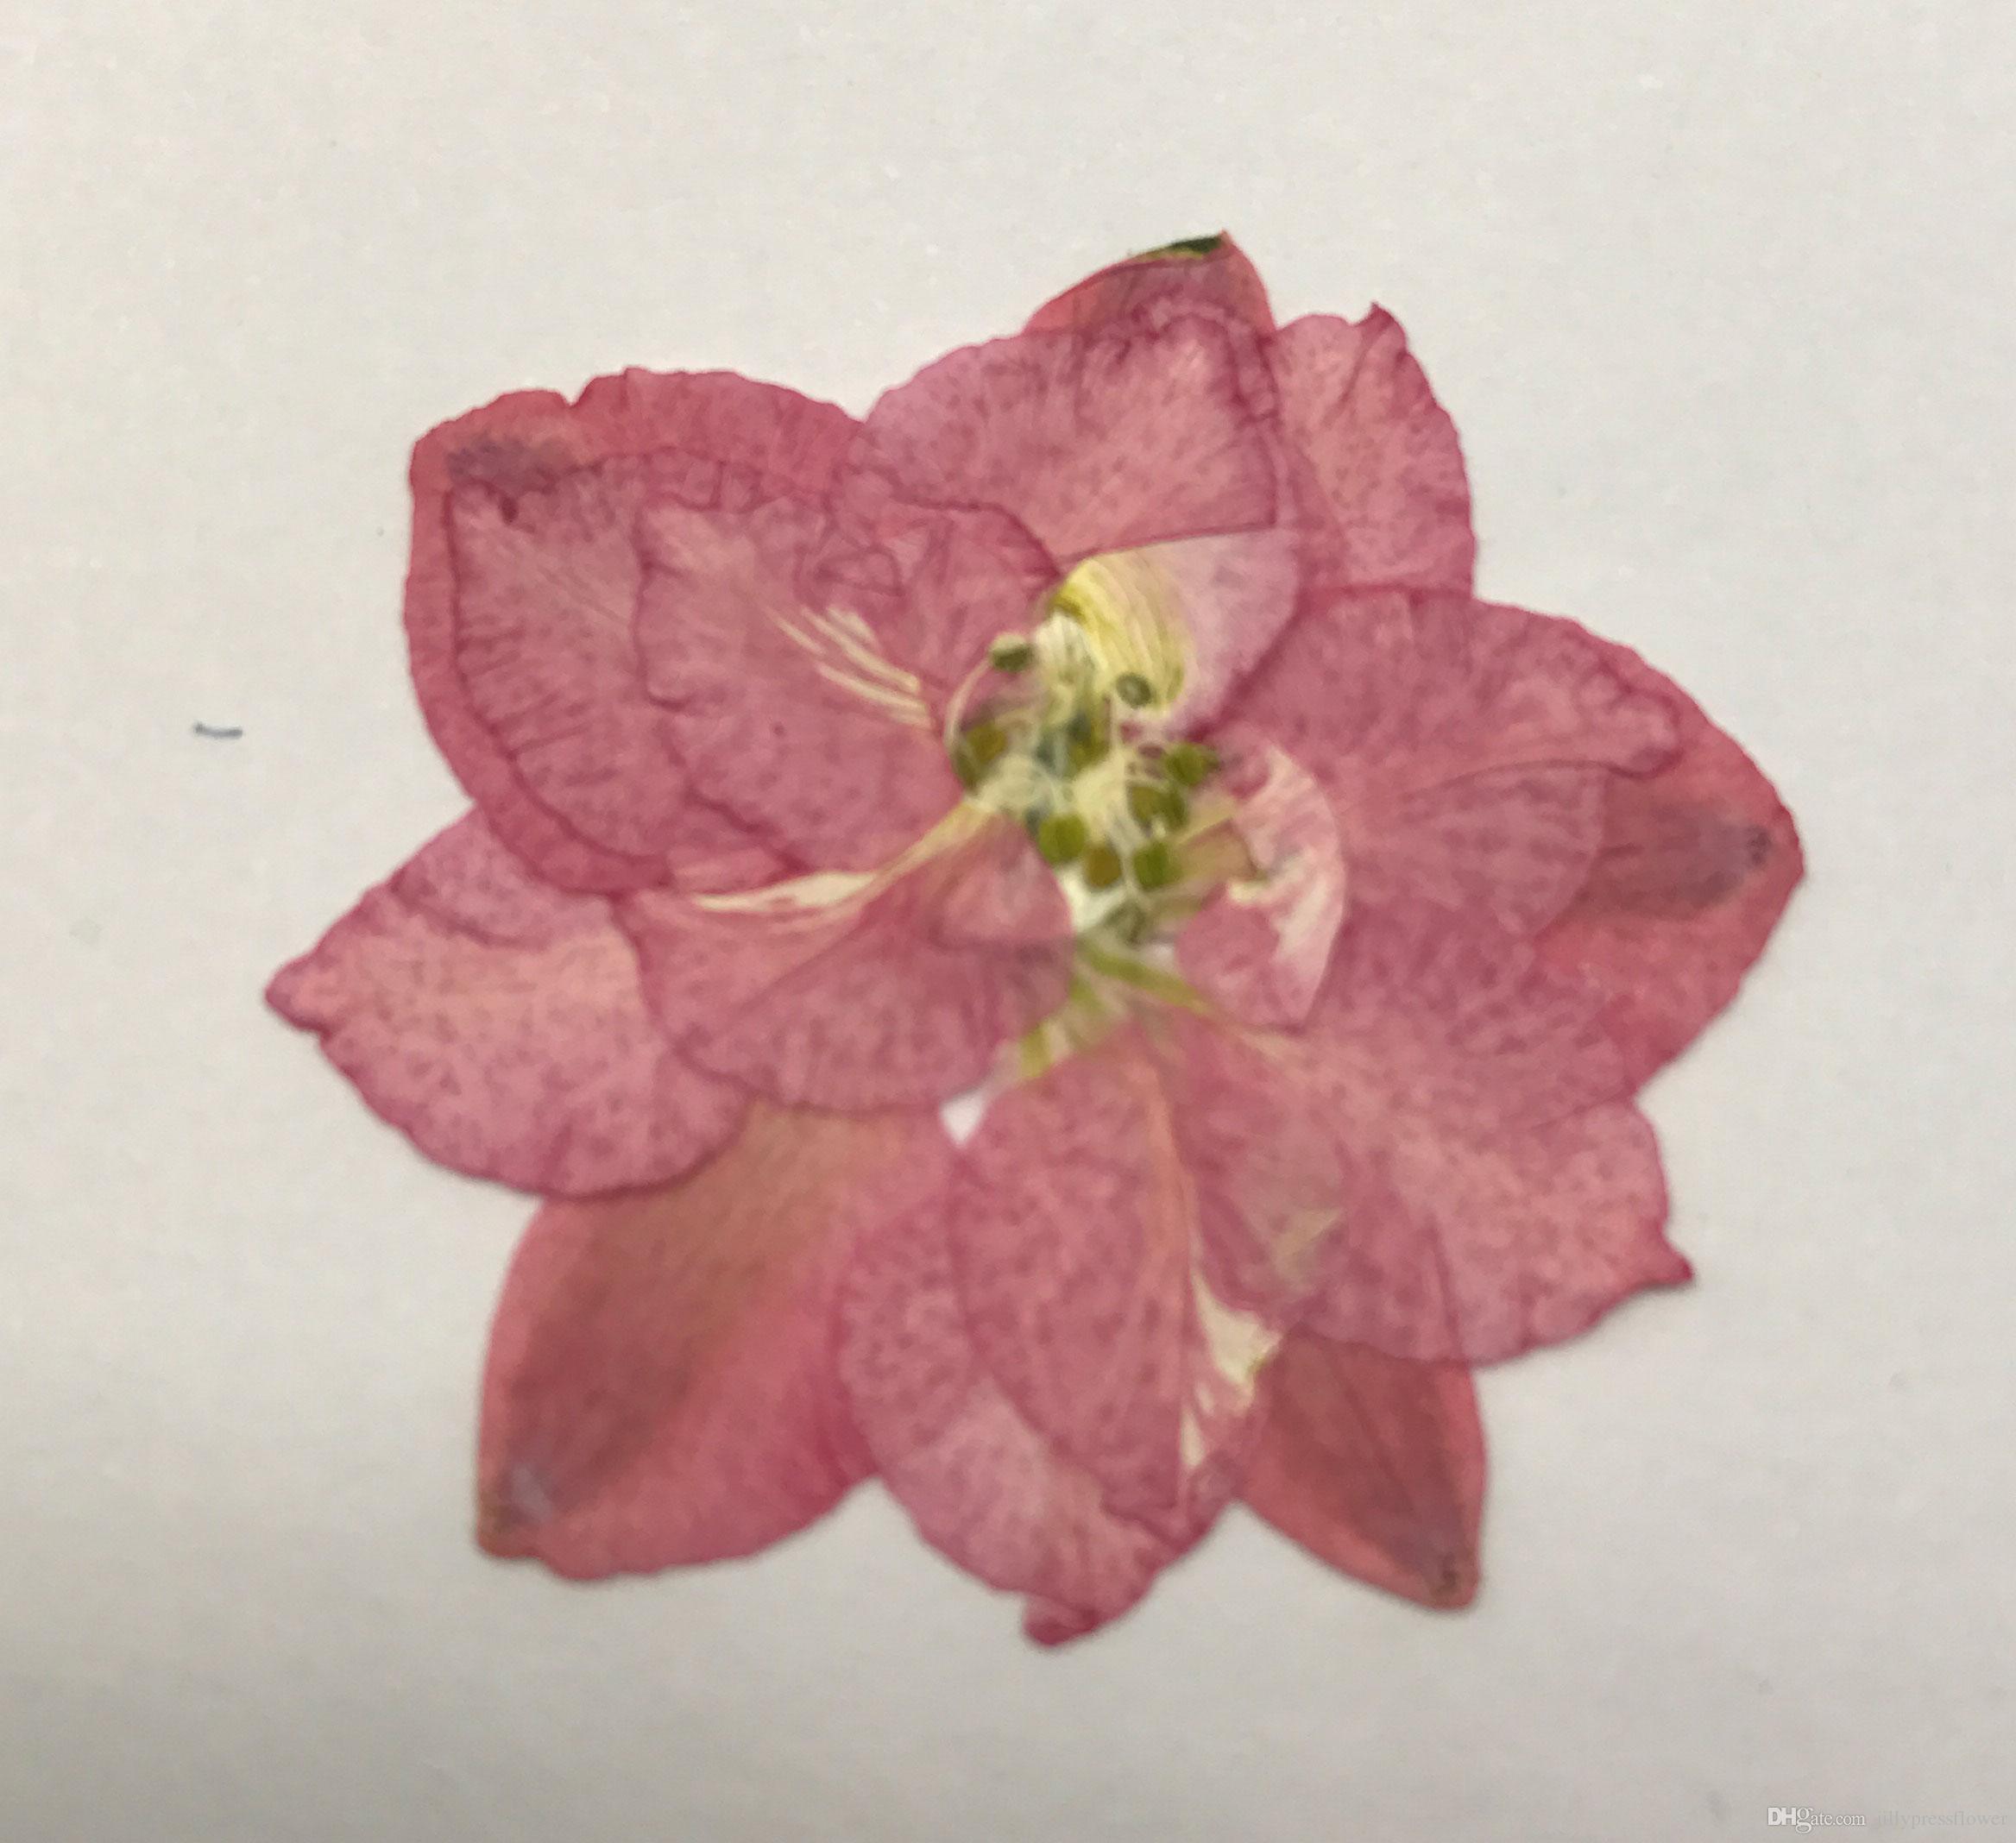 True Flower Original Pink Large Larkspur Press Flower For Candle ...